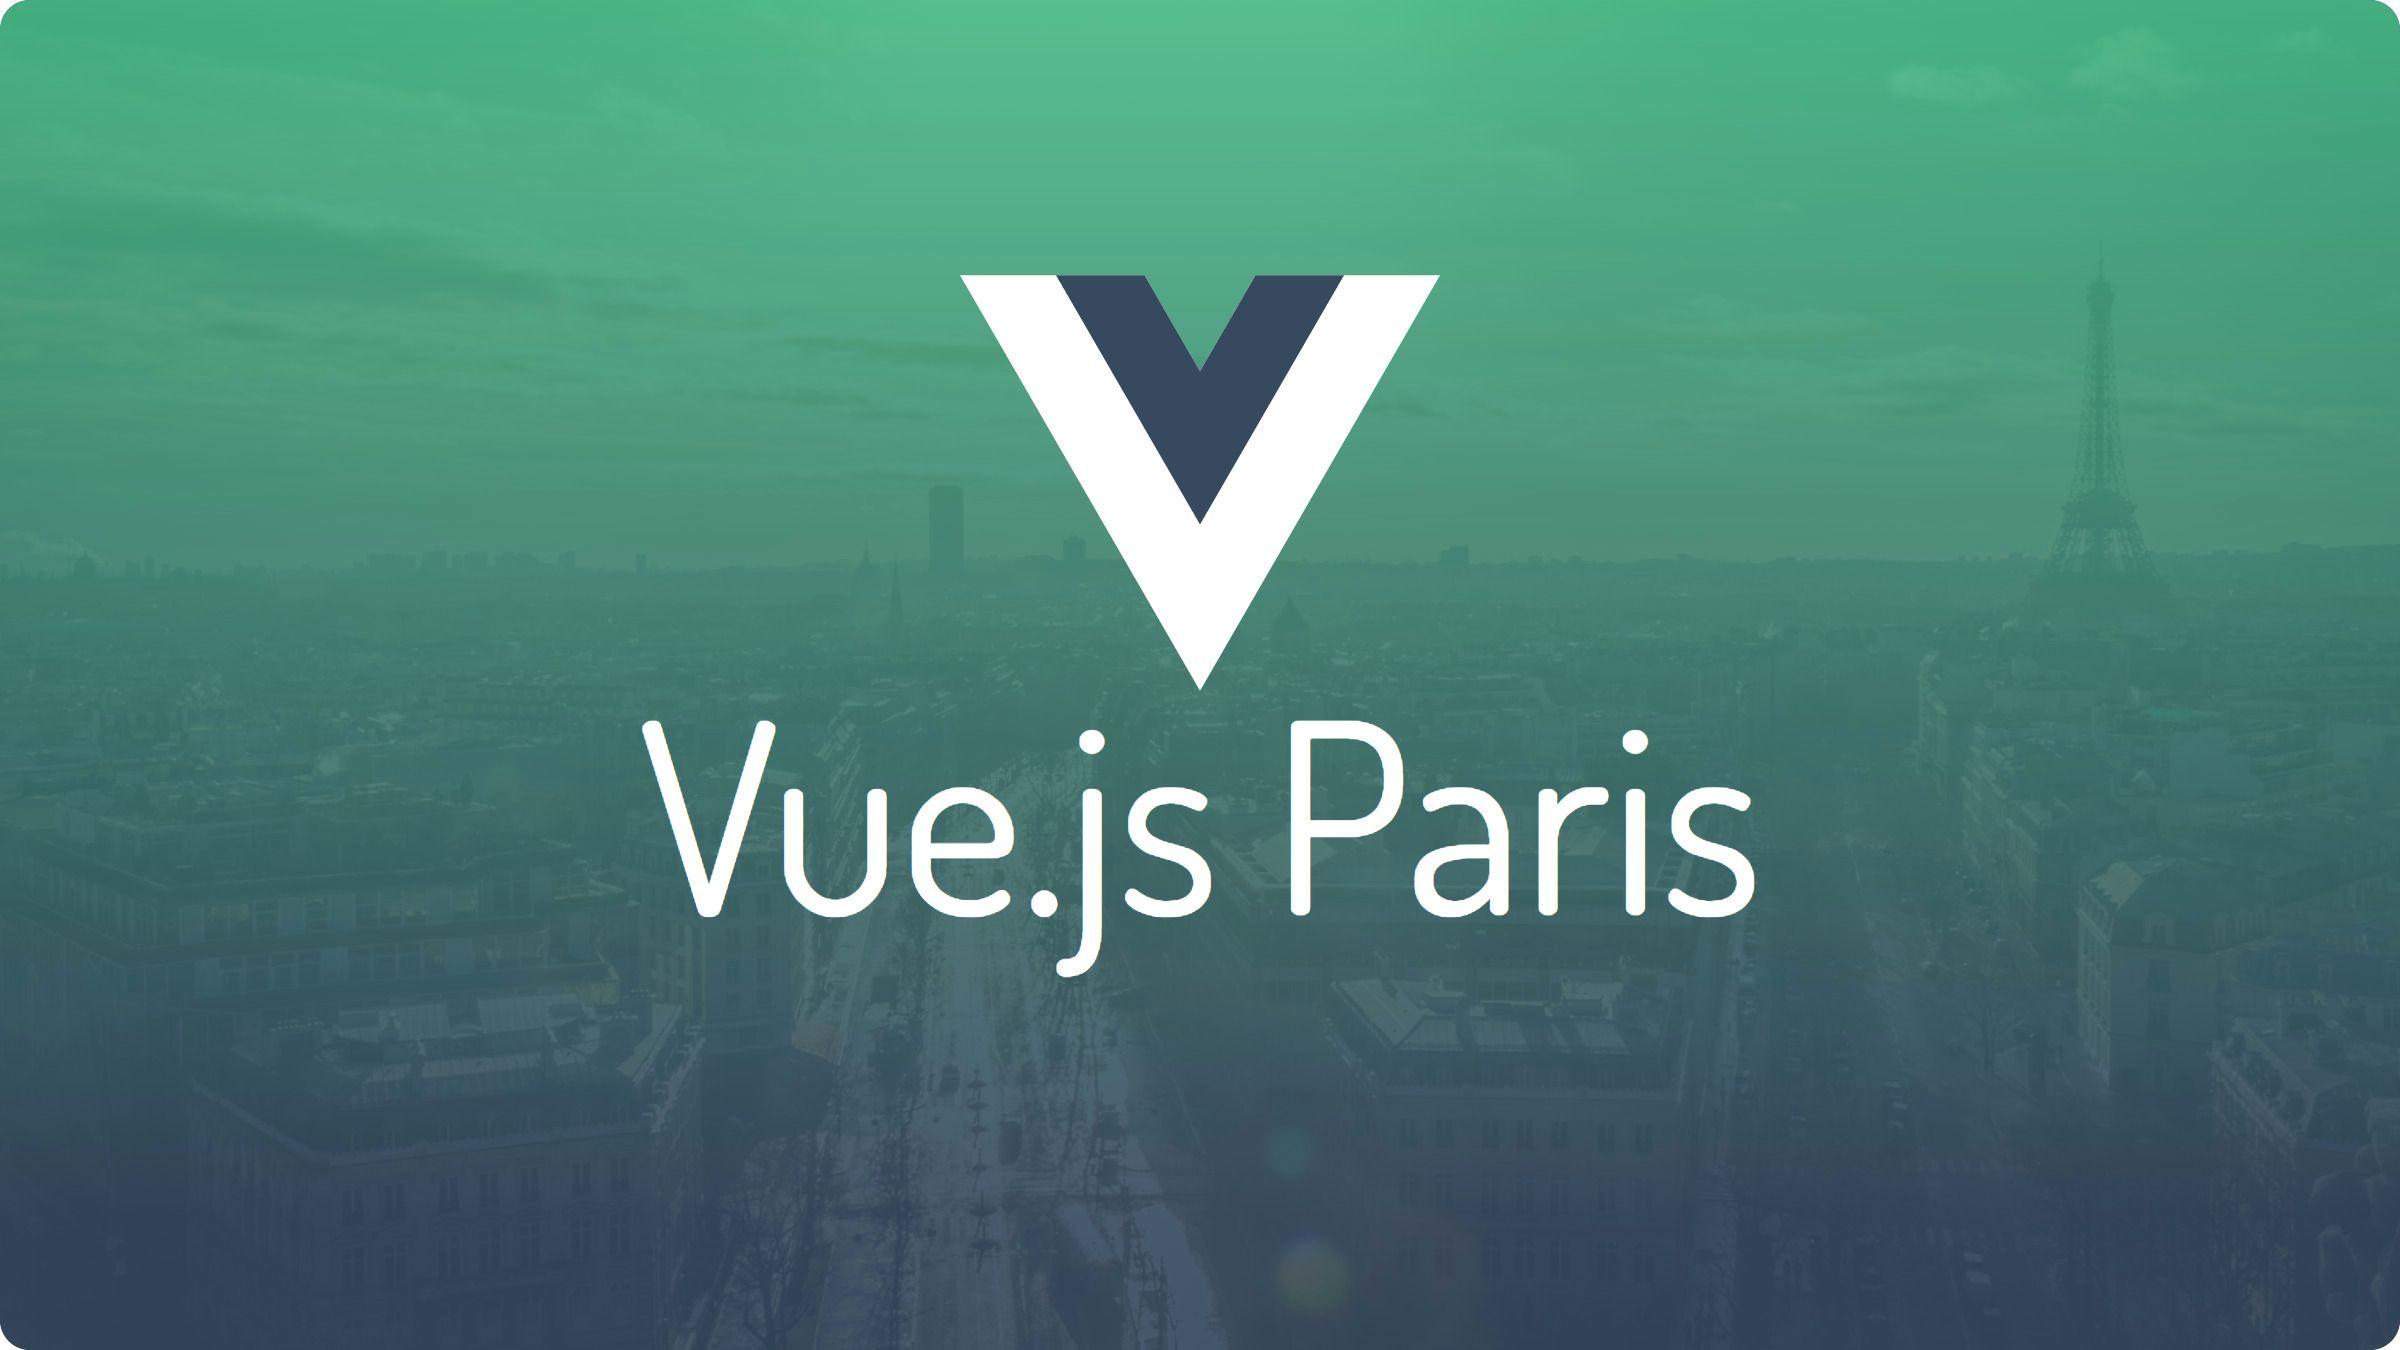 Vuejs Paris